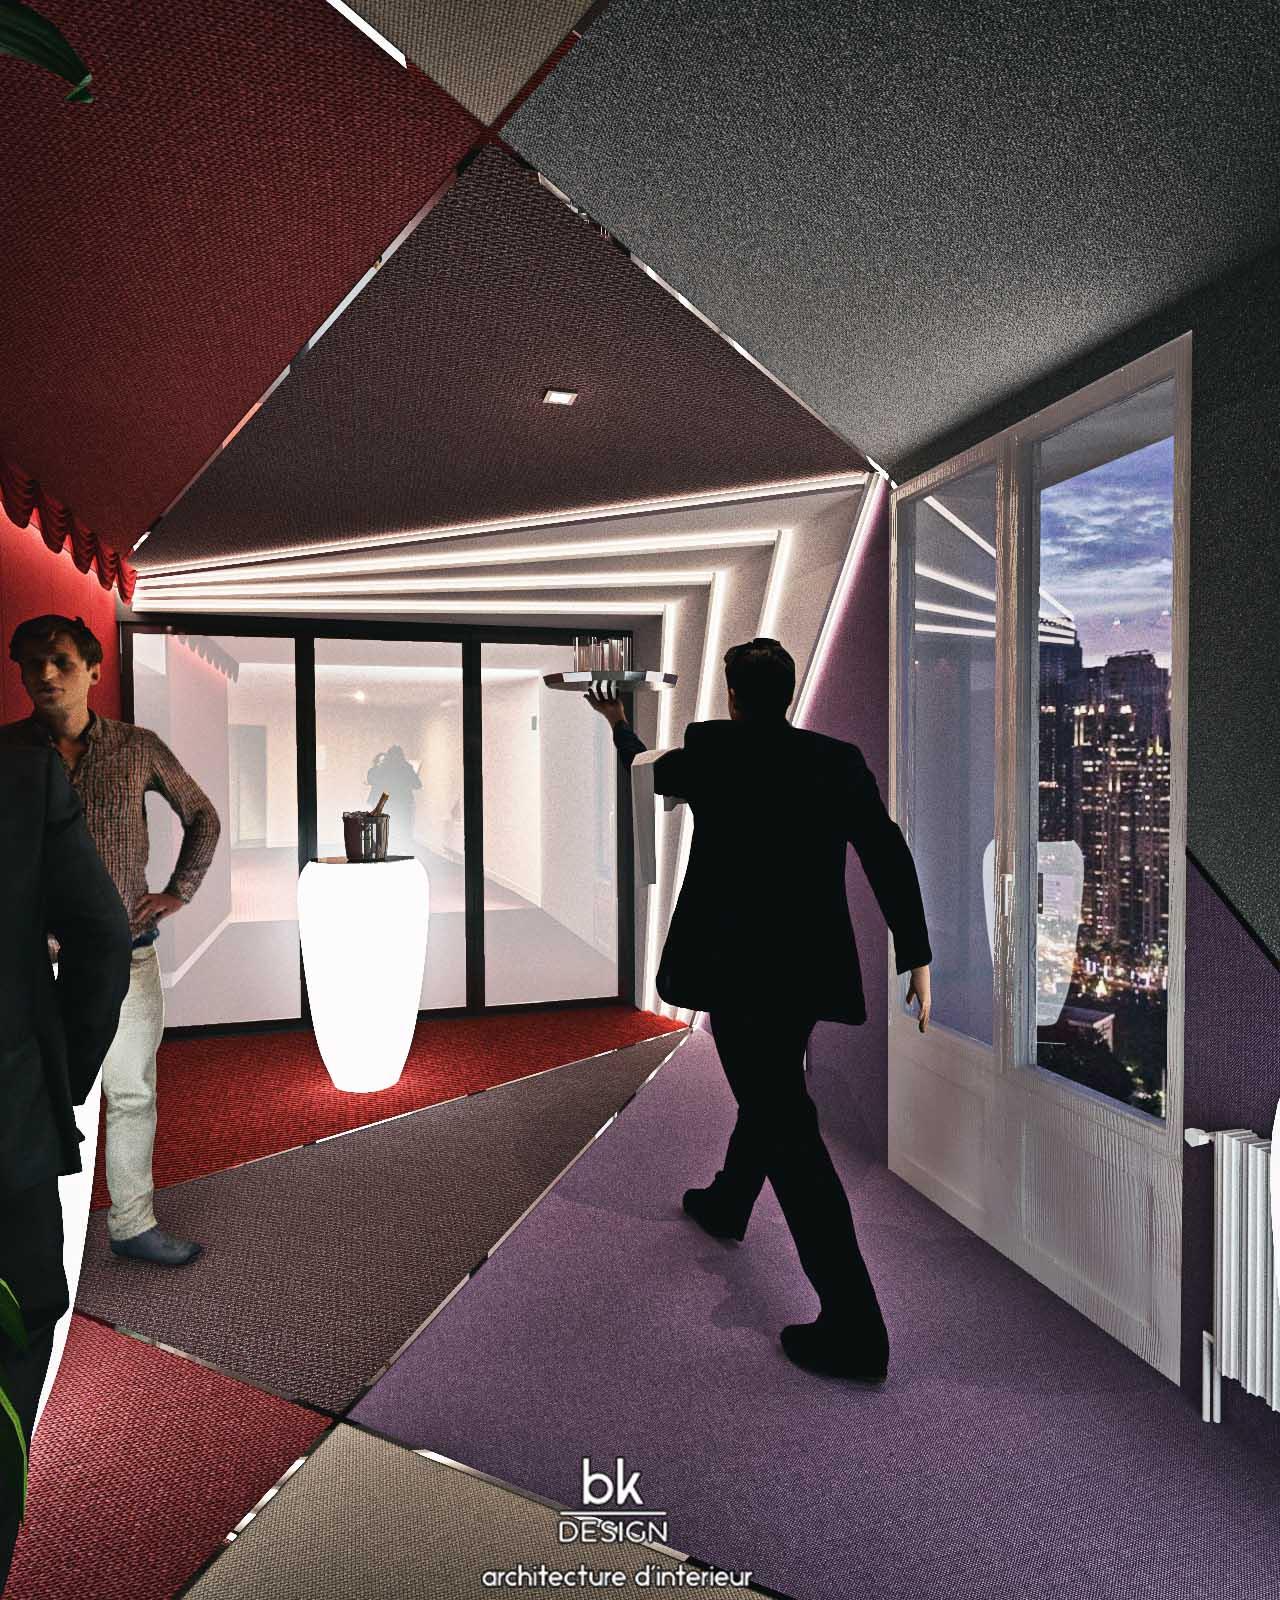 44 bk Design Projet Opéra Théatre v2